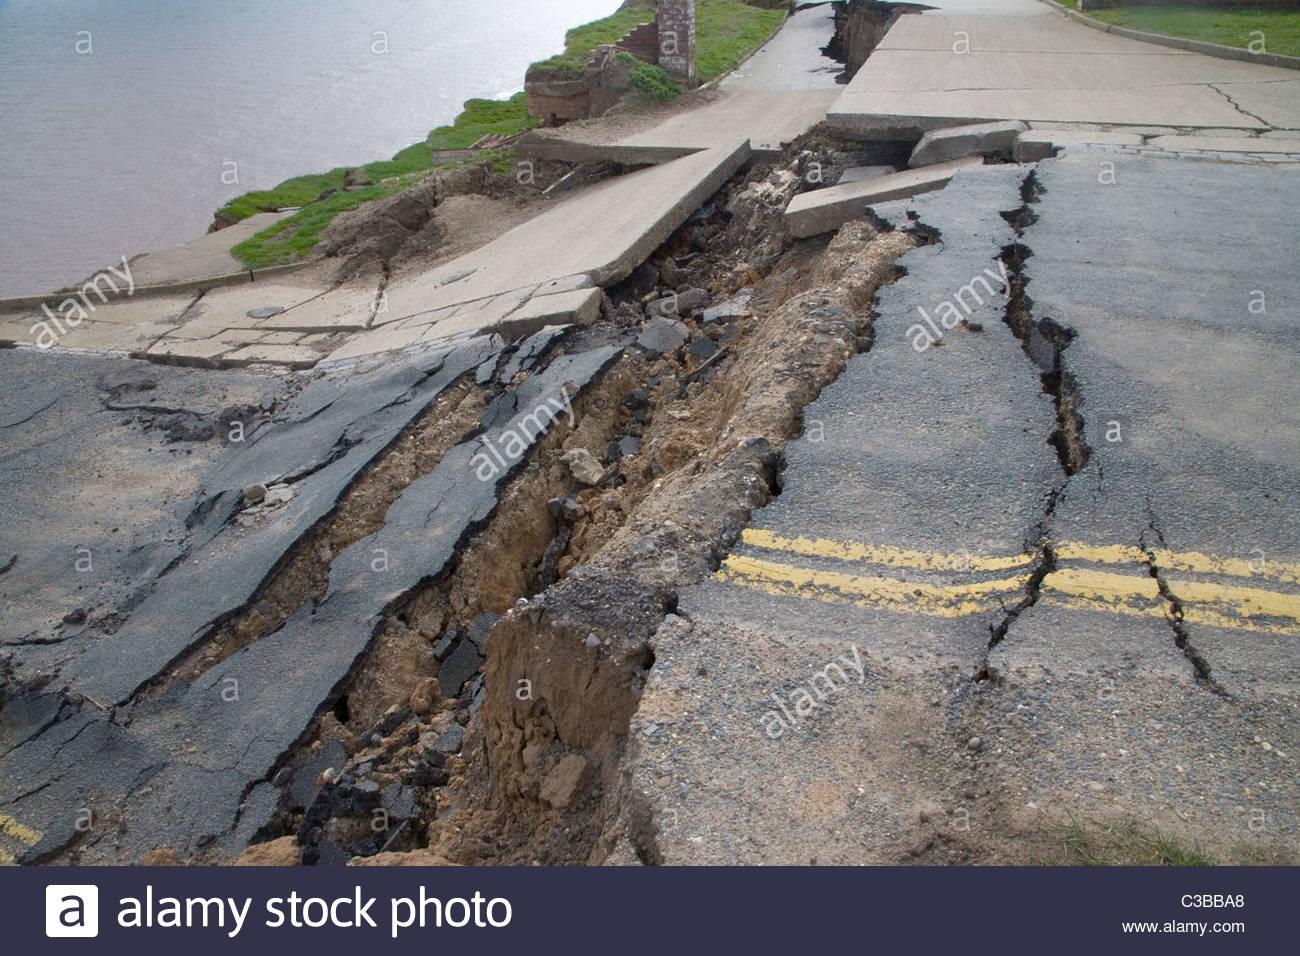 coastal erosion on the yorkshire coast at aldborough Stock Photo